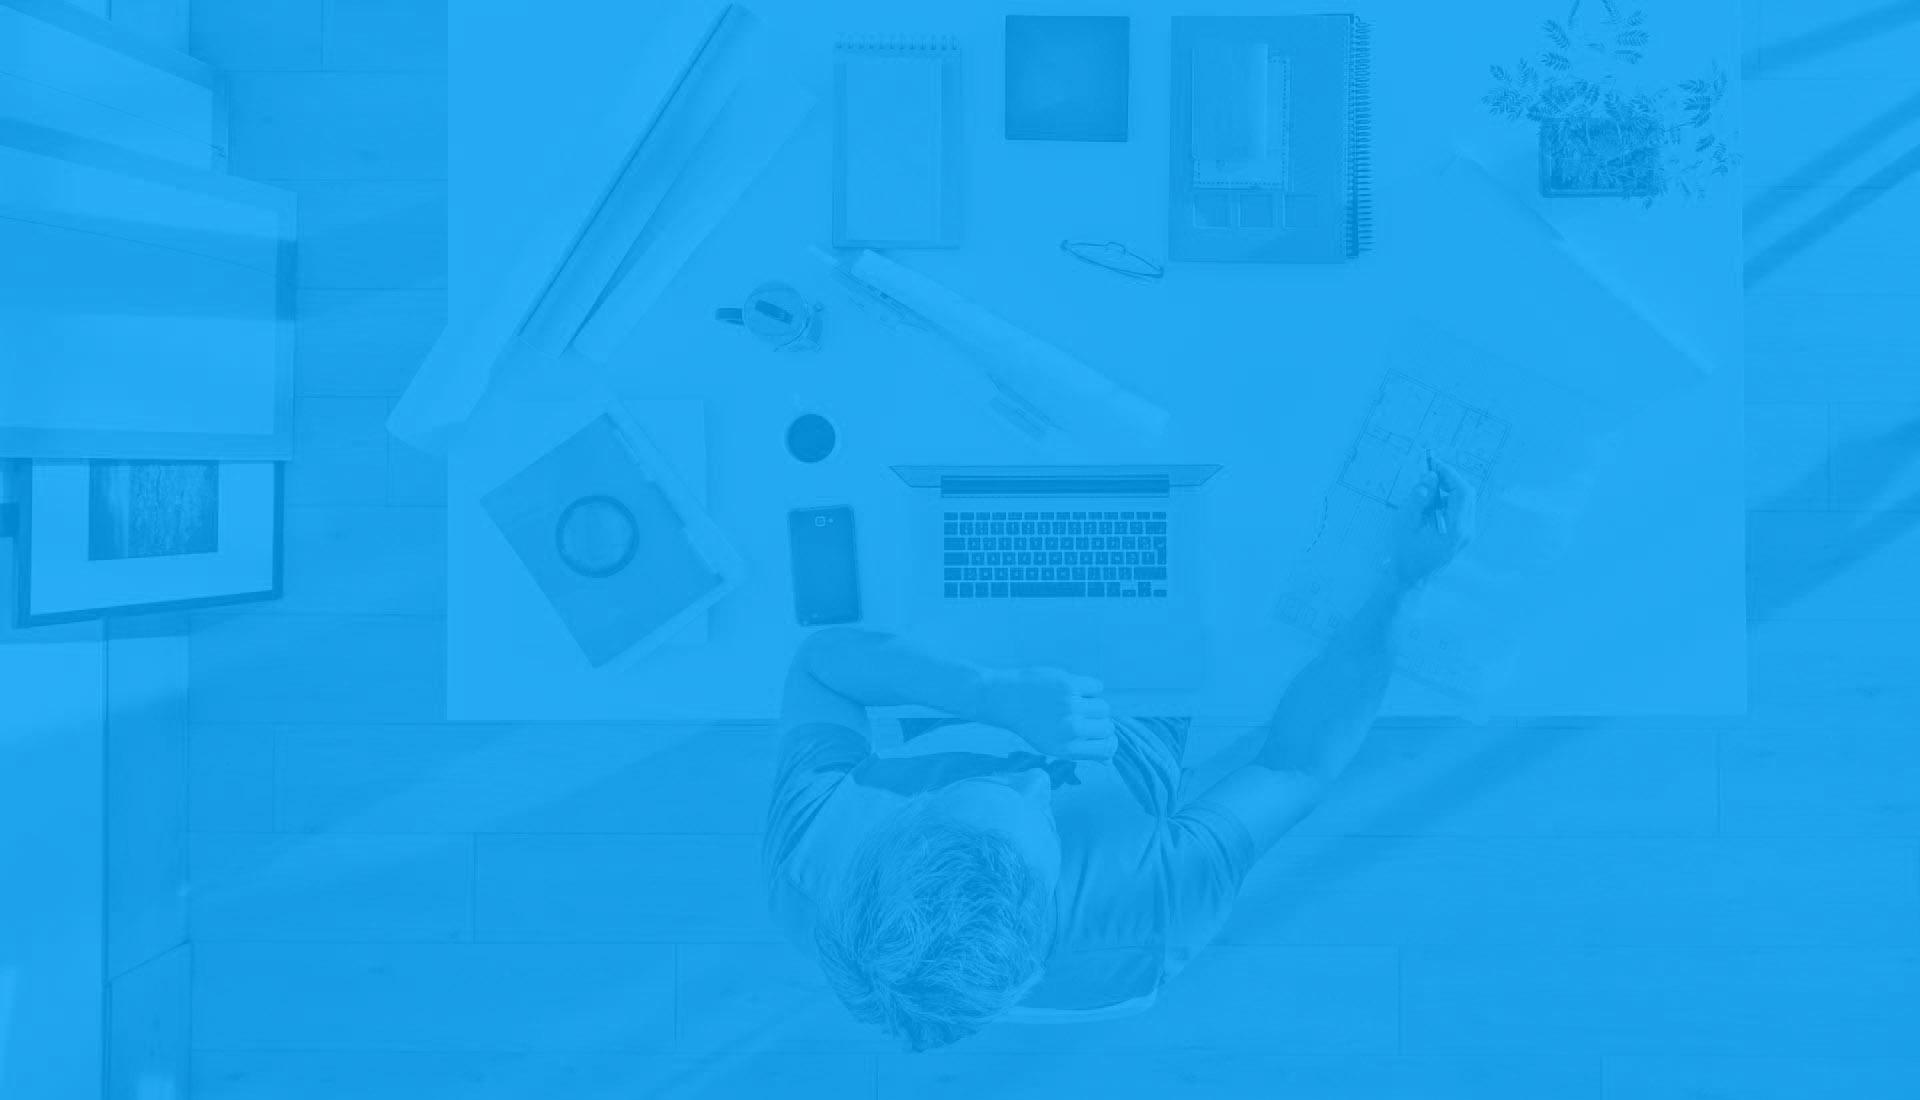 Vi skapar hemsidor i WordPress